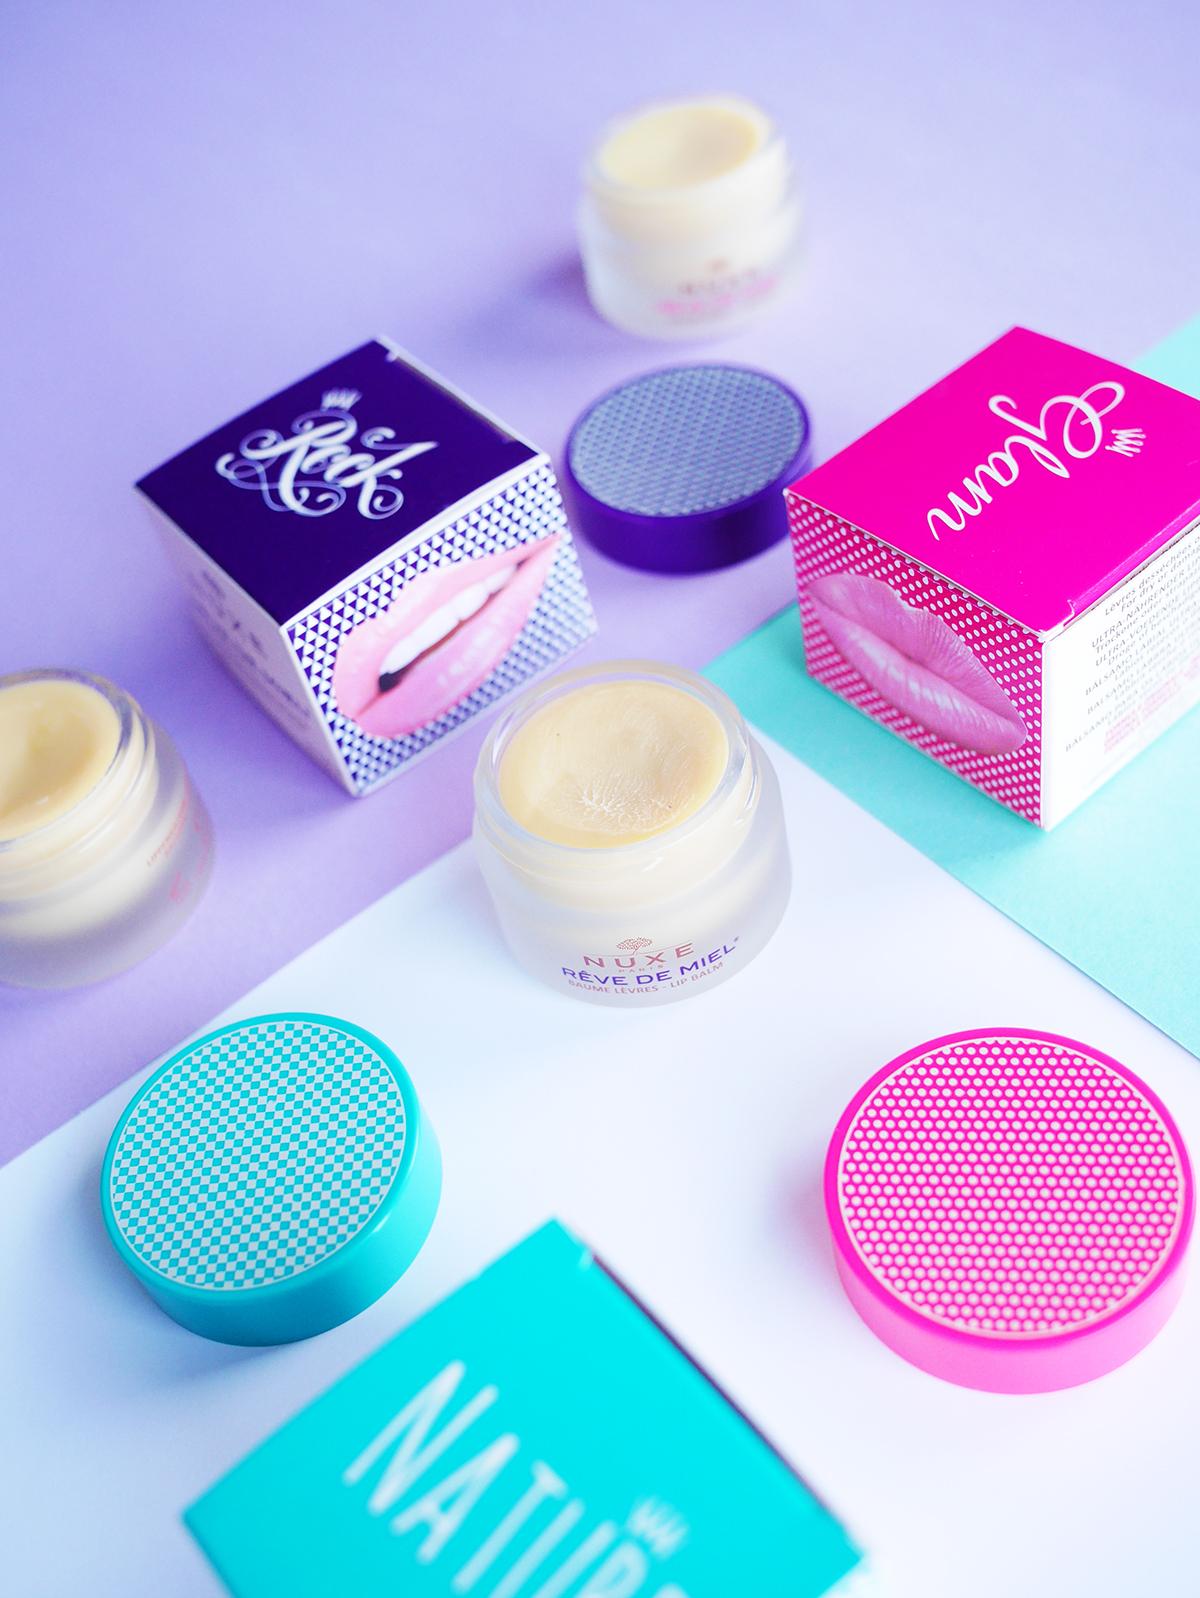 Nuxe Limited Edition Reve de Miel Lip Balm